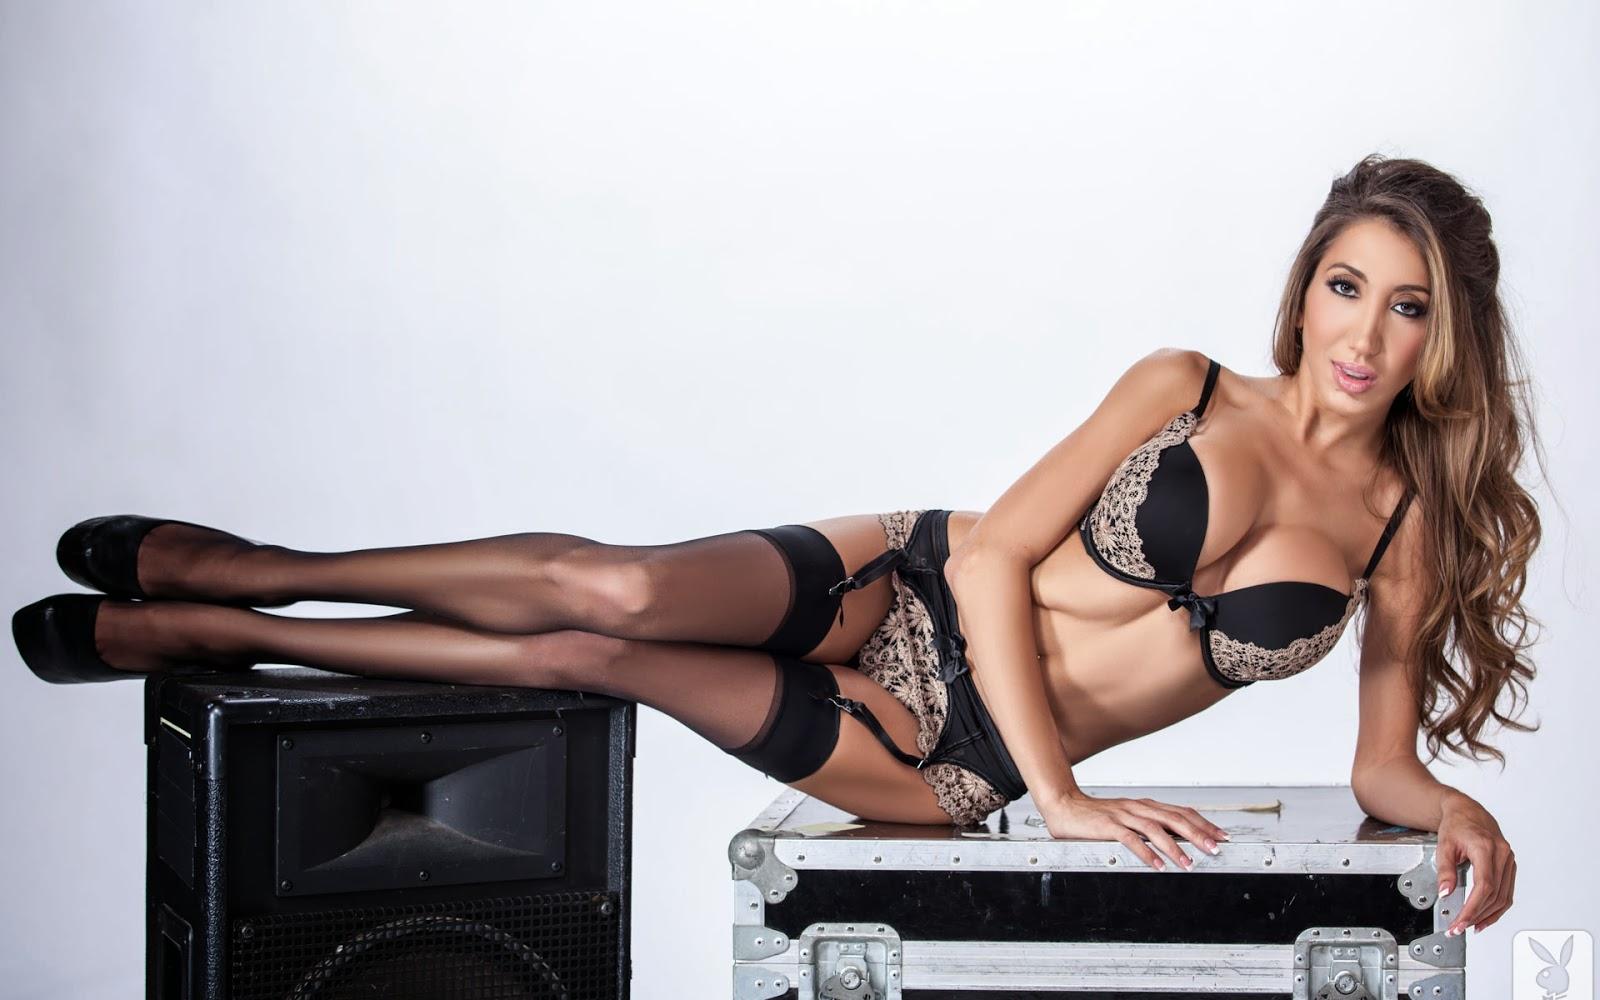 Krystin Hagen Mature Big Breasts Playboy Diva Wallpaper